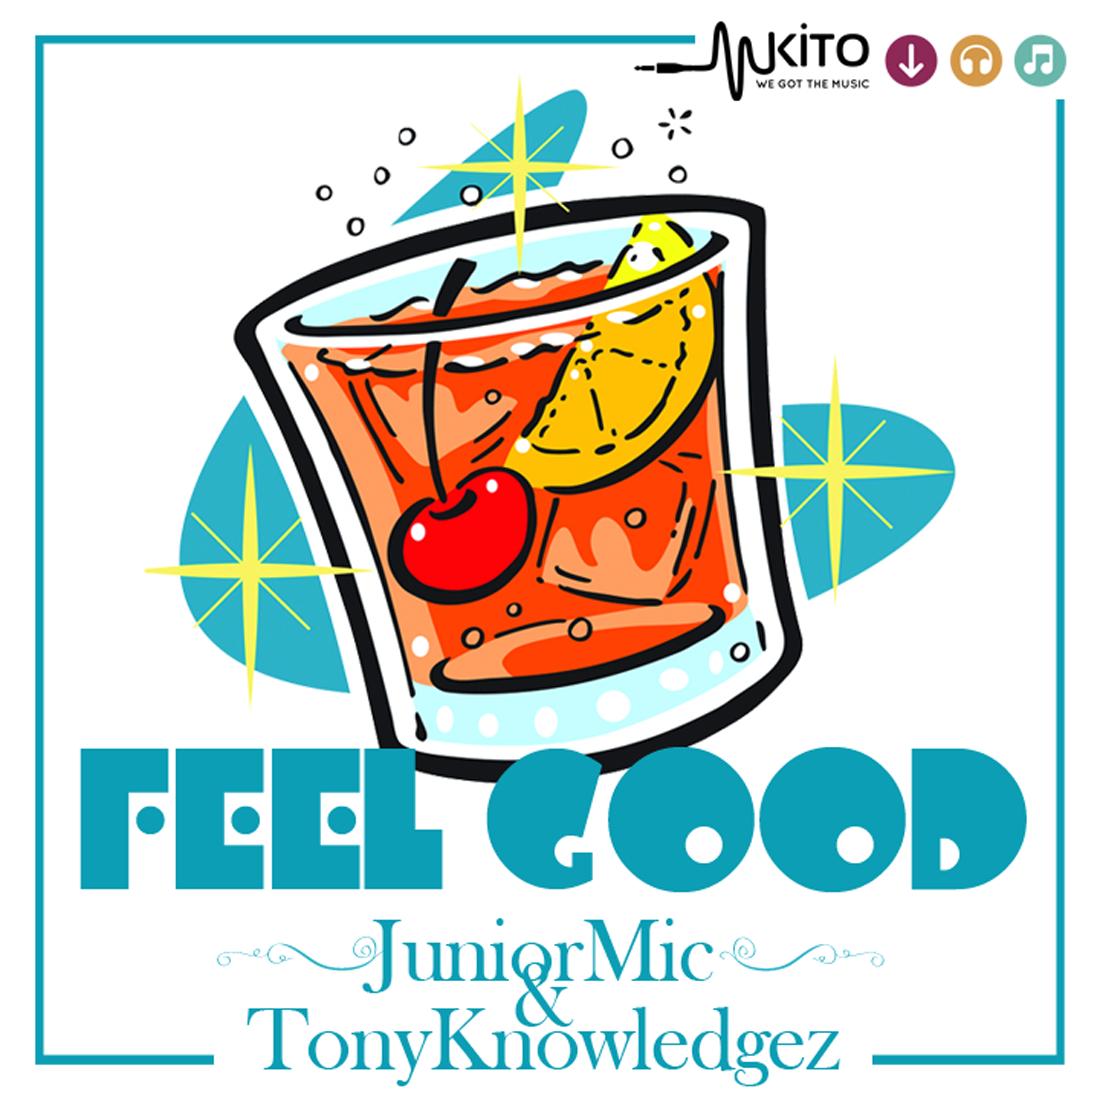 Tony Knowledgez - BADO NIPO